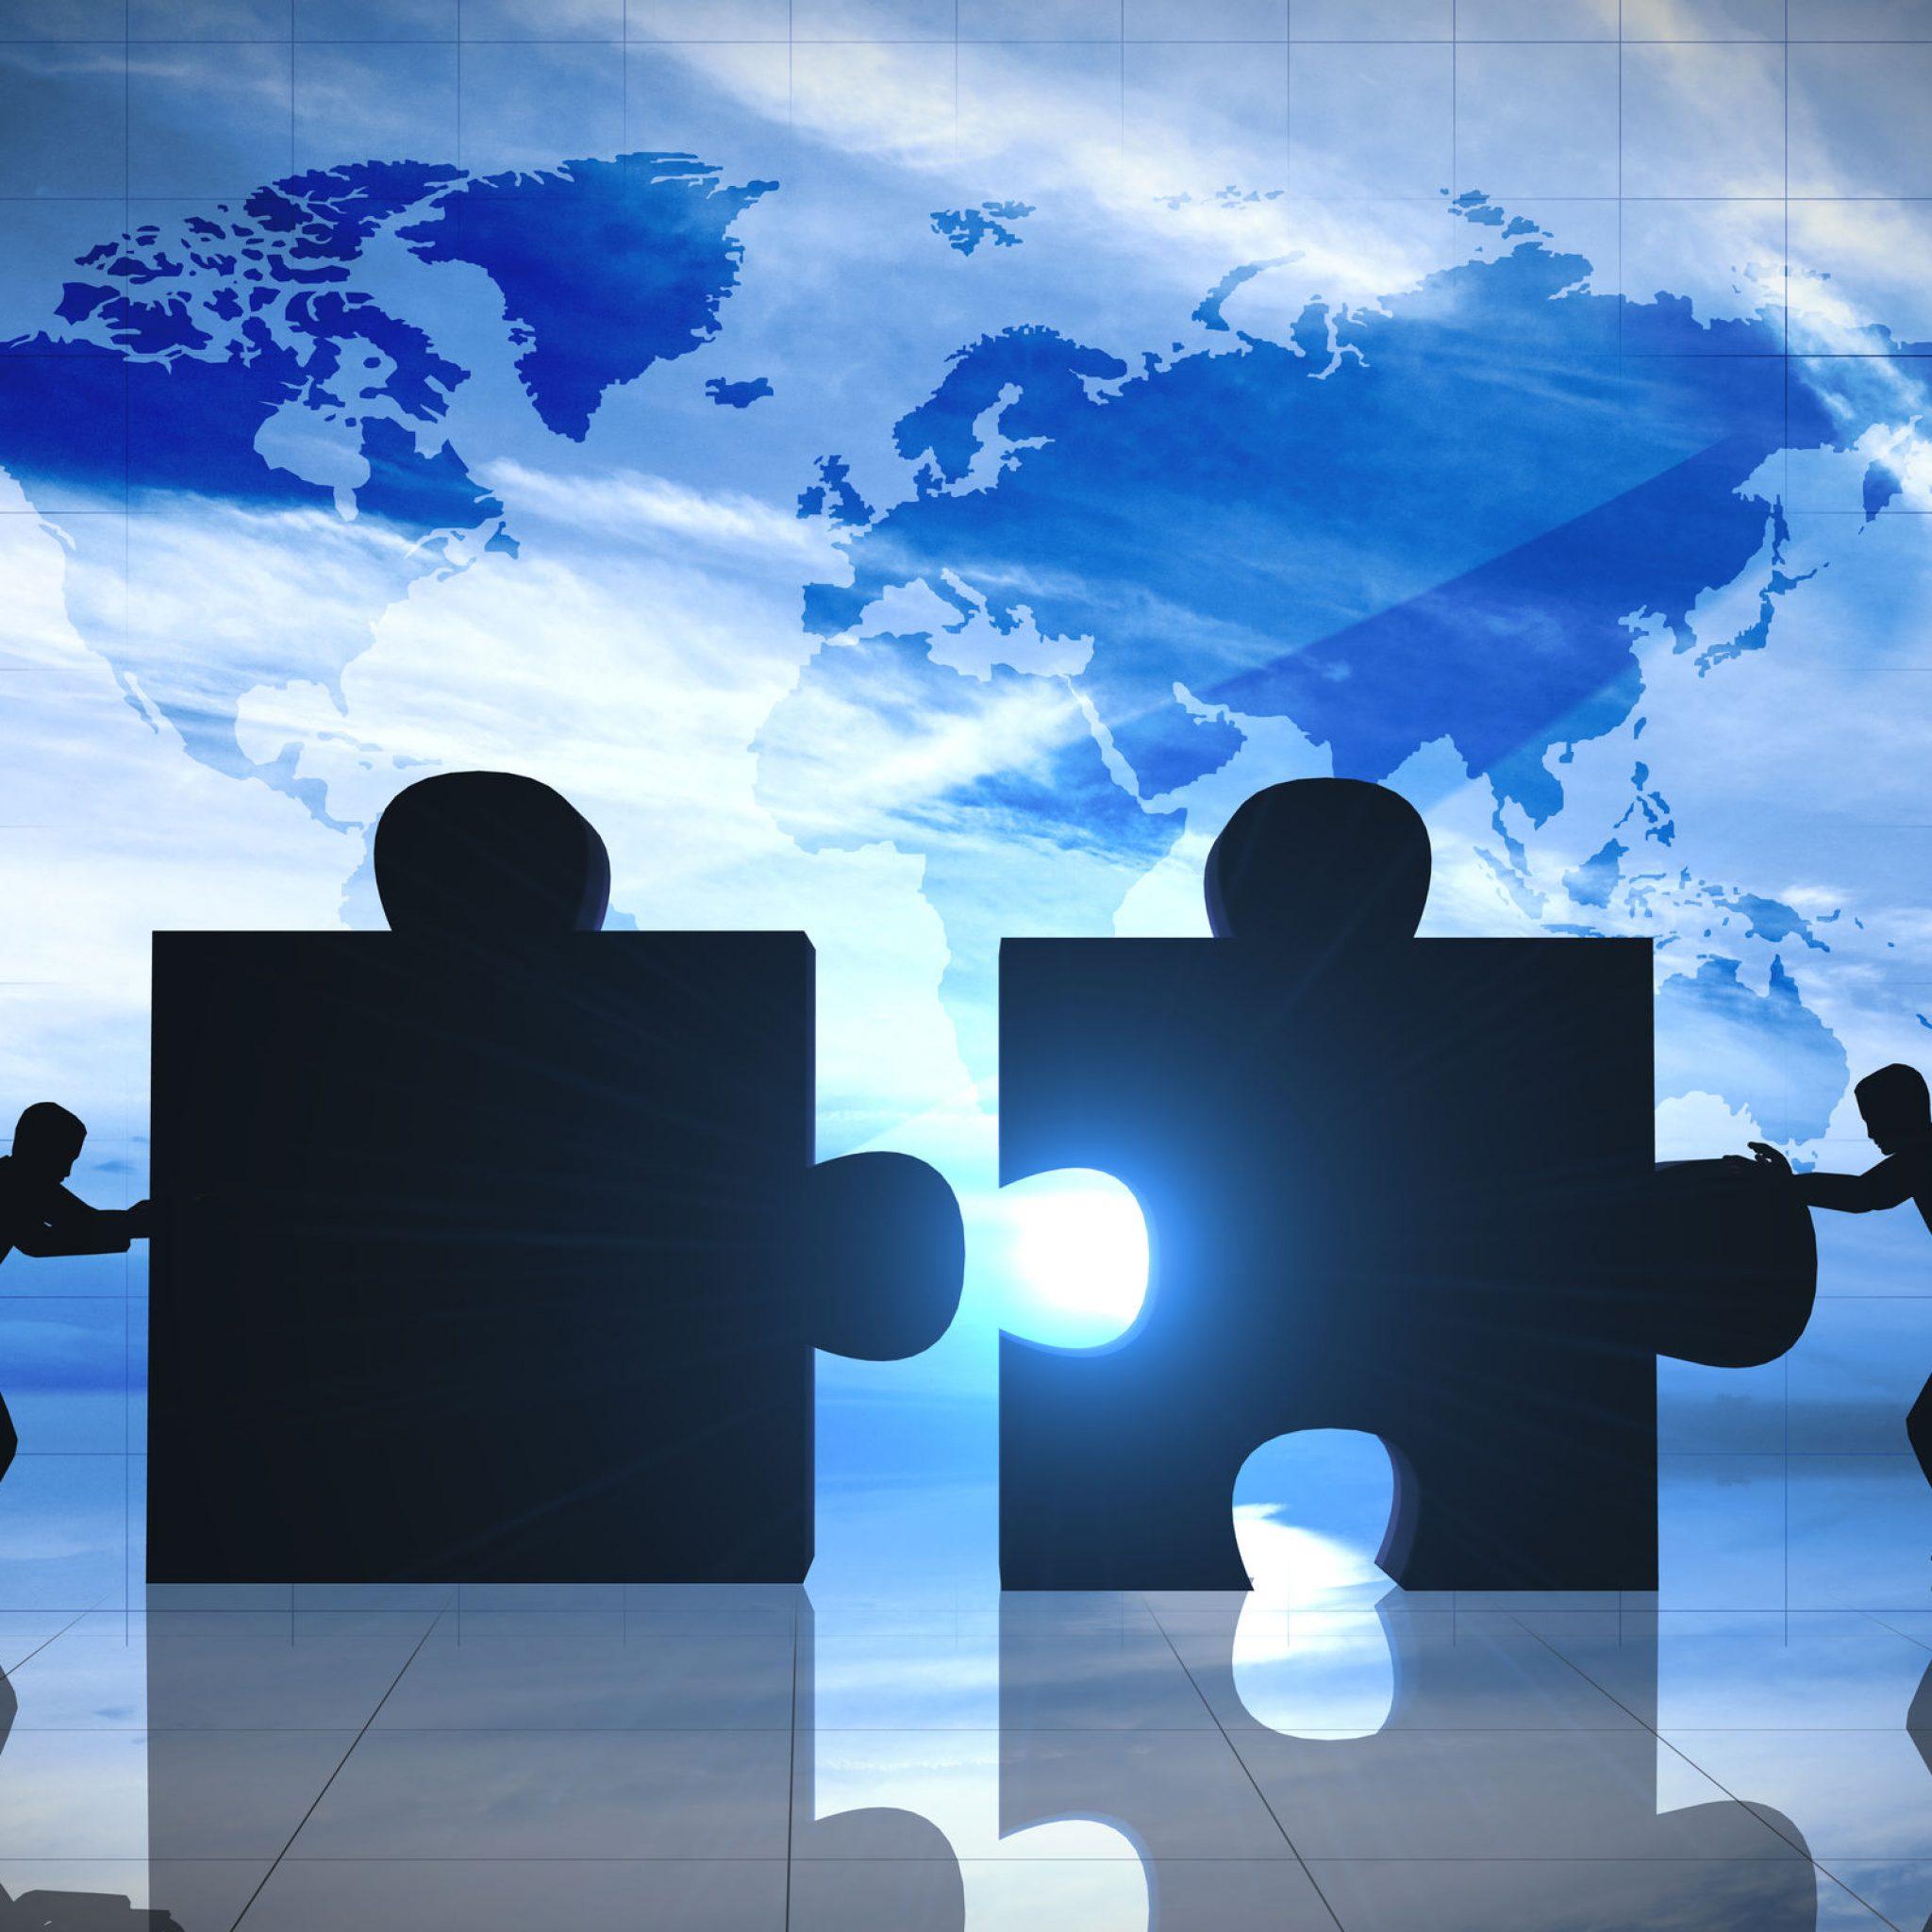 Test and Measurement: NTS, Bureau Veritas make acquisitions